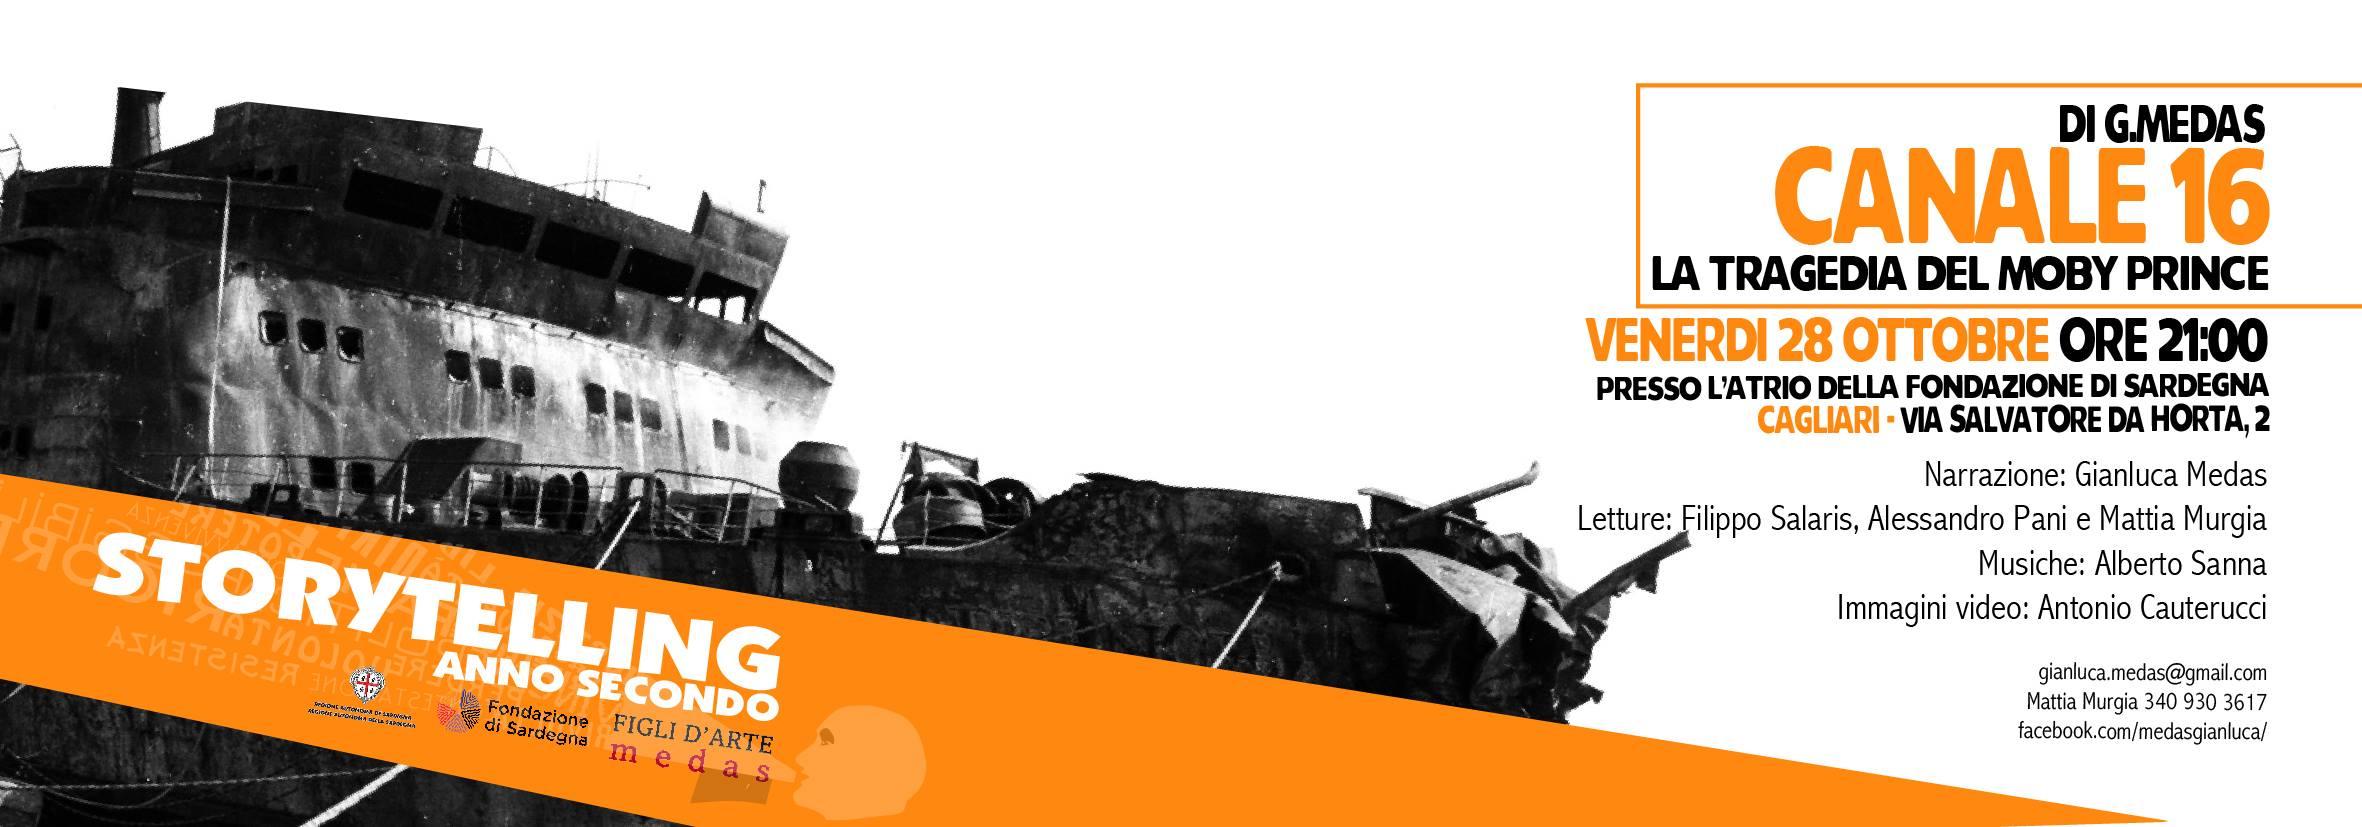 """Venerdì 28 ottobre """"CANALE 16 – la tragedia del Moby Prince"""" è il II° appuntamento della rassegna dell'Associazione Figli D'Arte Medas """"Storytelling 2016 - anno secondo"""", che si svolgerà a Cagliari nella sede della Fondazione di Sardegna, all'evento sarà presente Luchino Chessa, in rappresentanza dell'Associazione """"10 Aprile – Familiari Vittime Moby Prince""""."""